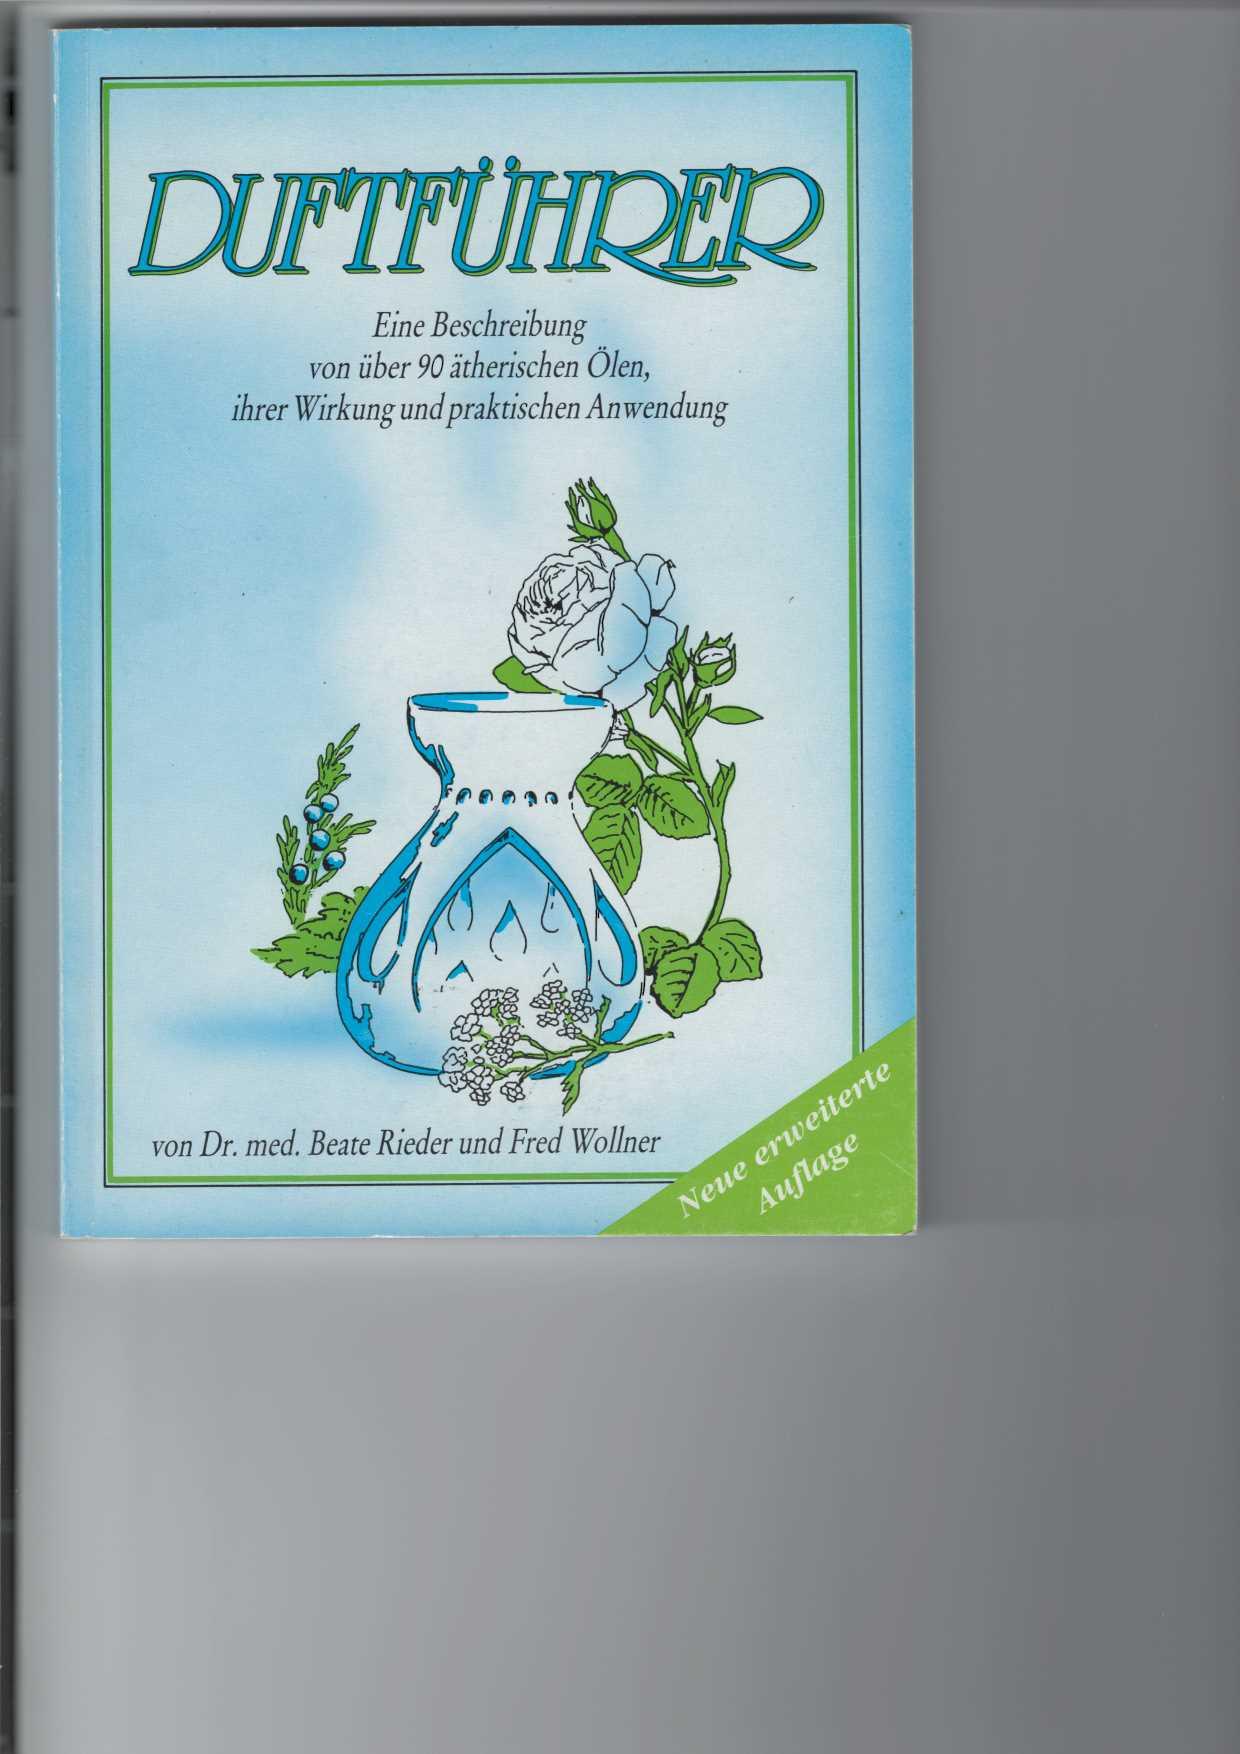 Duftführer. Eine Beschreibung von über 90 ätherischen Ölen, ihrer Wirkung und praktischen Anwendung. erweiterte Aufl.,